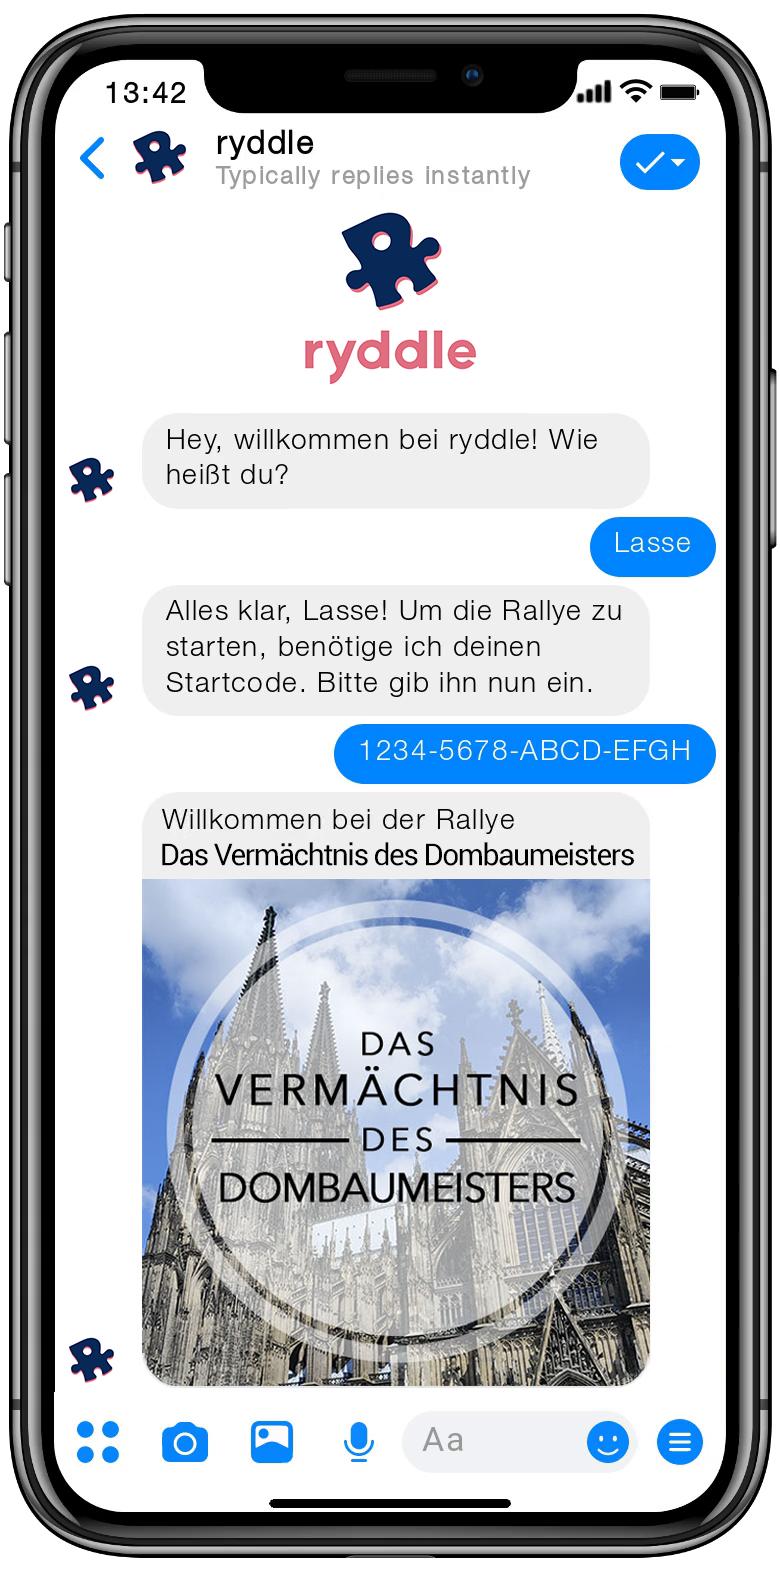 Stadtrallye Köln - Vorschau der Smartphone Schnitzeljagd